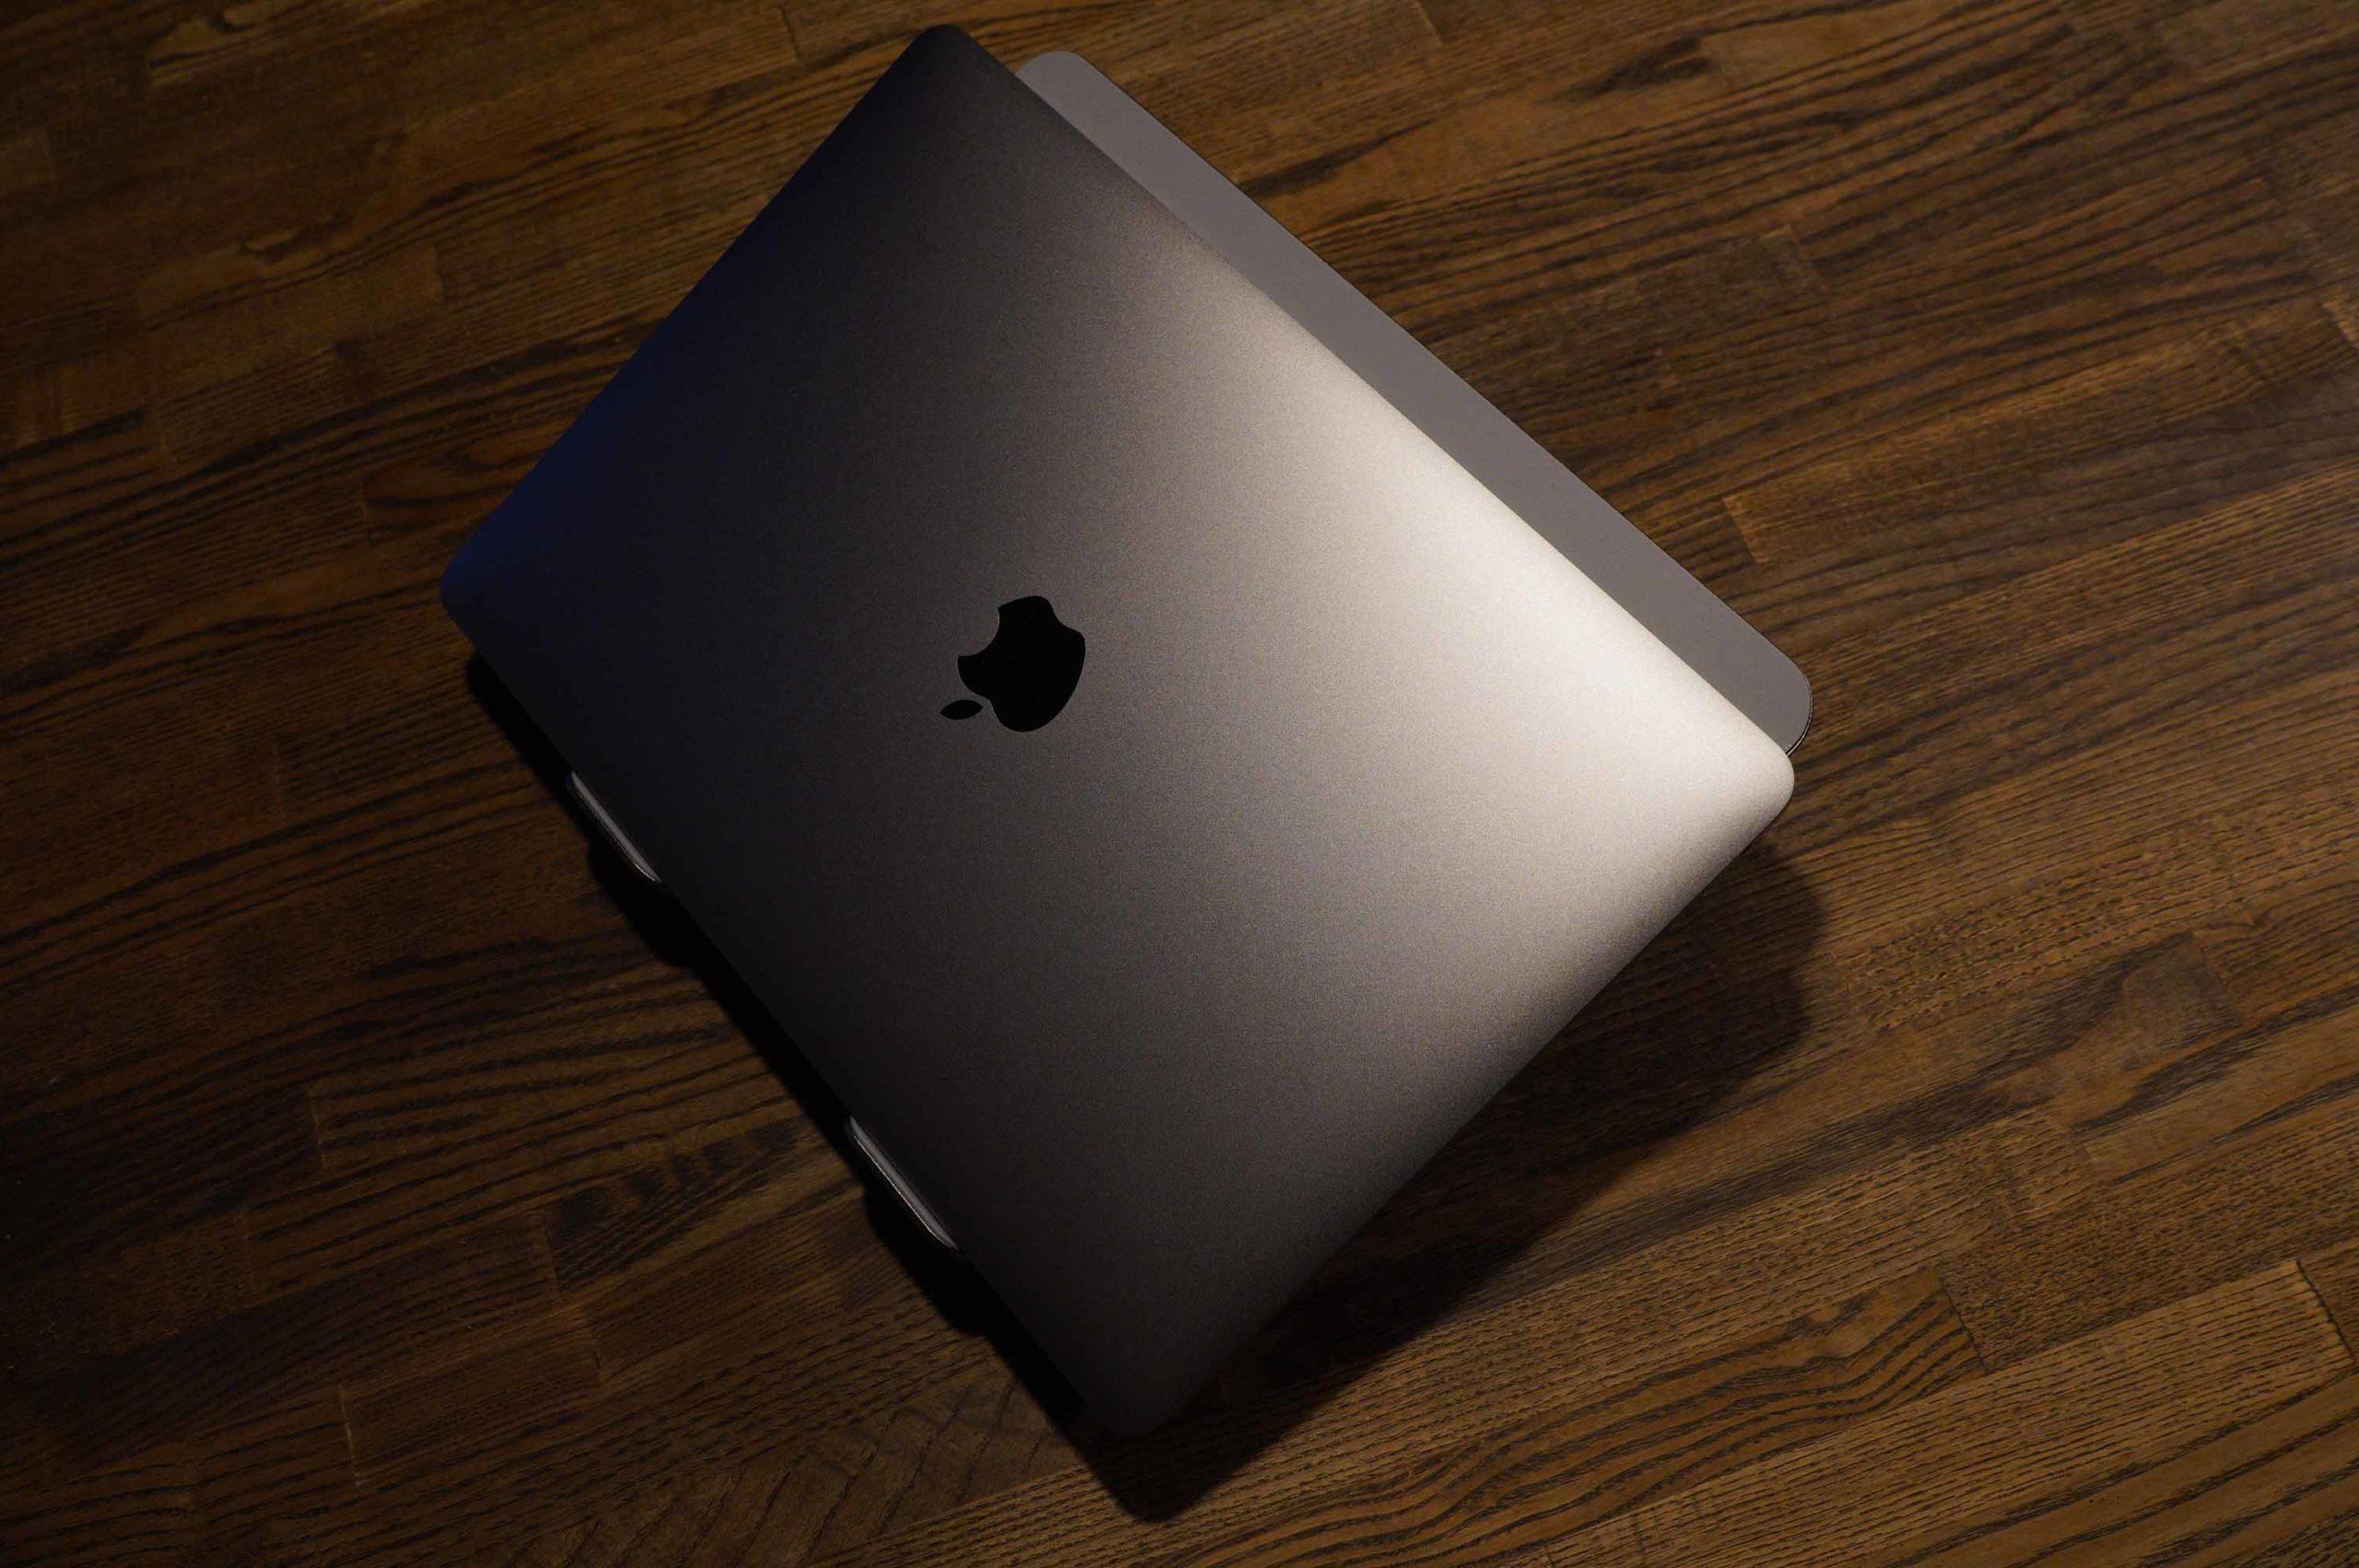 M1 MacBook Pro 2020 Storage